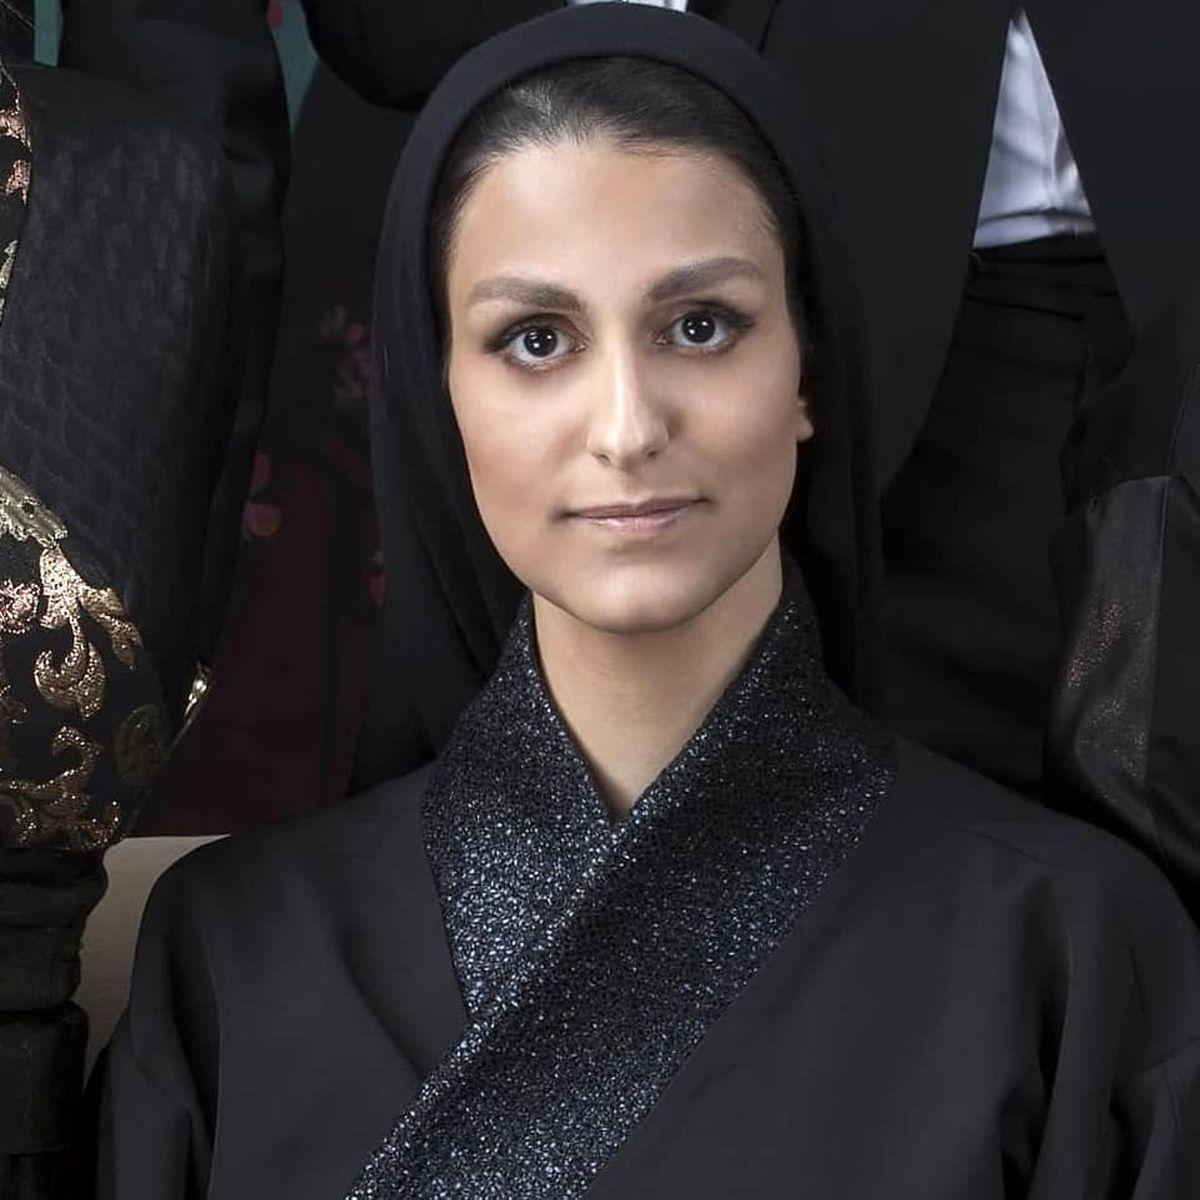 دخترِ مهران مدیری با لباس ناجور+عکس